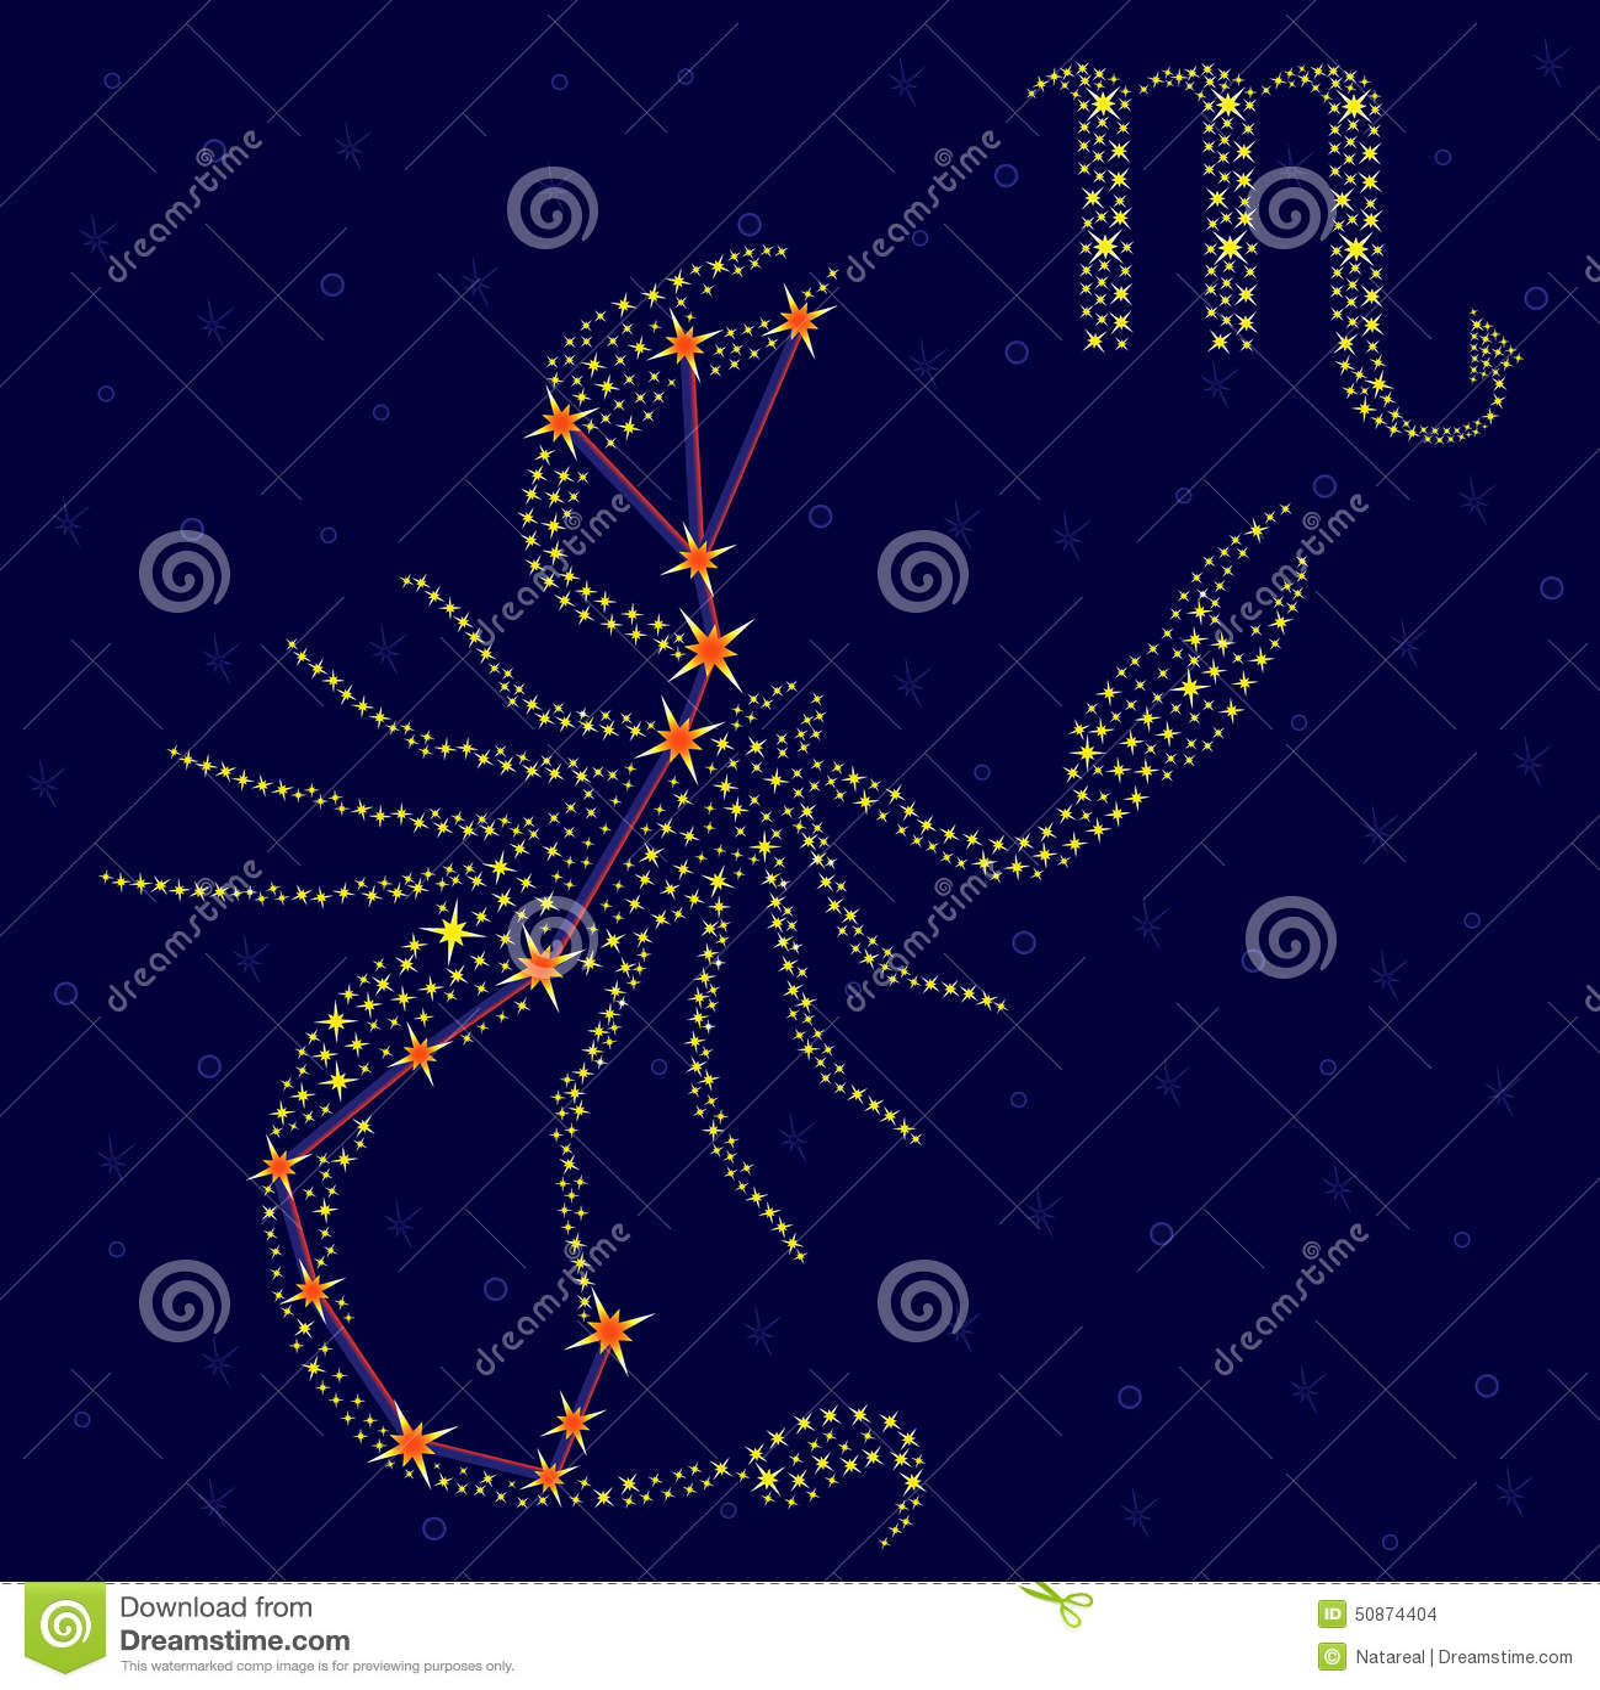 sternzeichen skorpion ber sternenklarem himmel stock abbildung bild 50874404. Black Bedroom Furniture Sets. Home Design Ideas